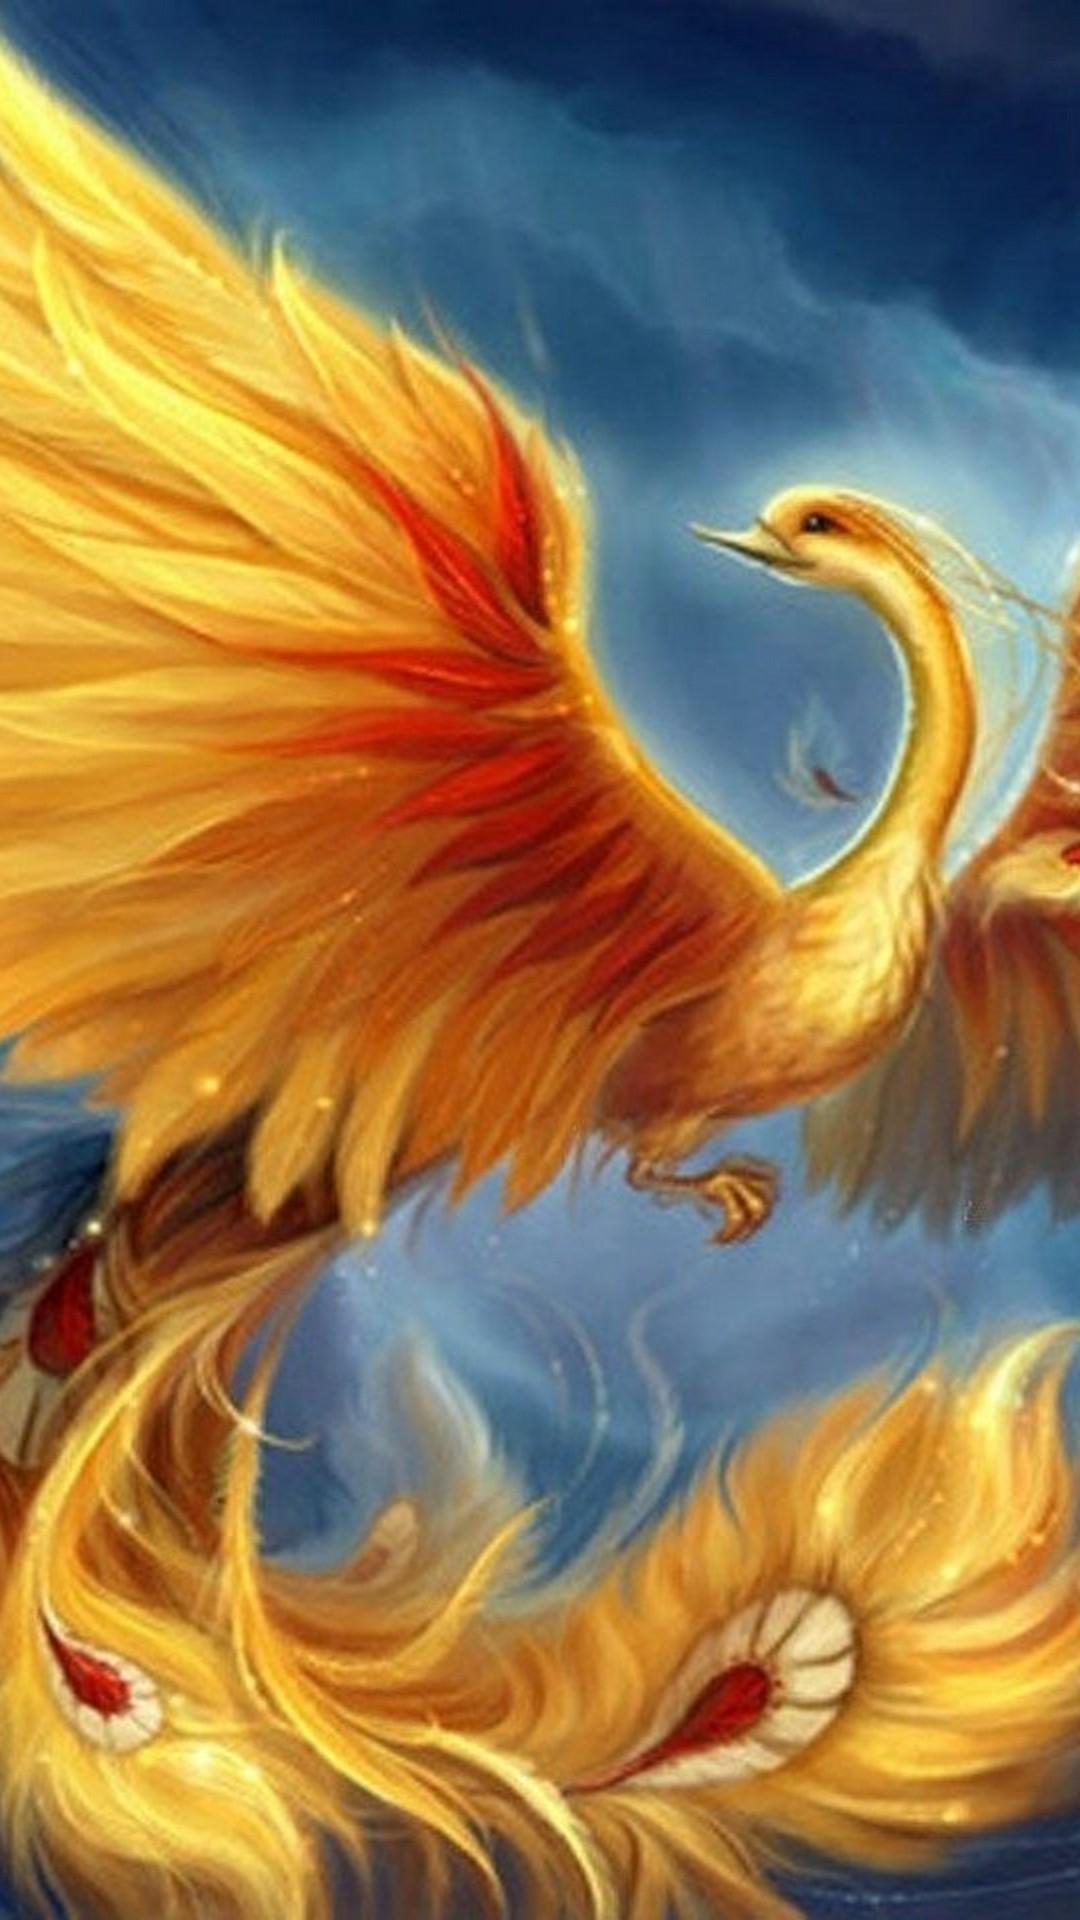 Golden Phoenix Image